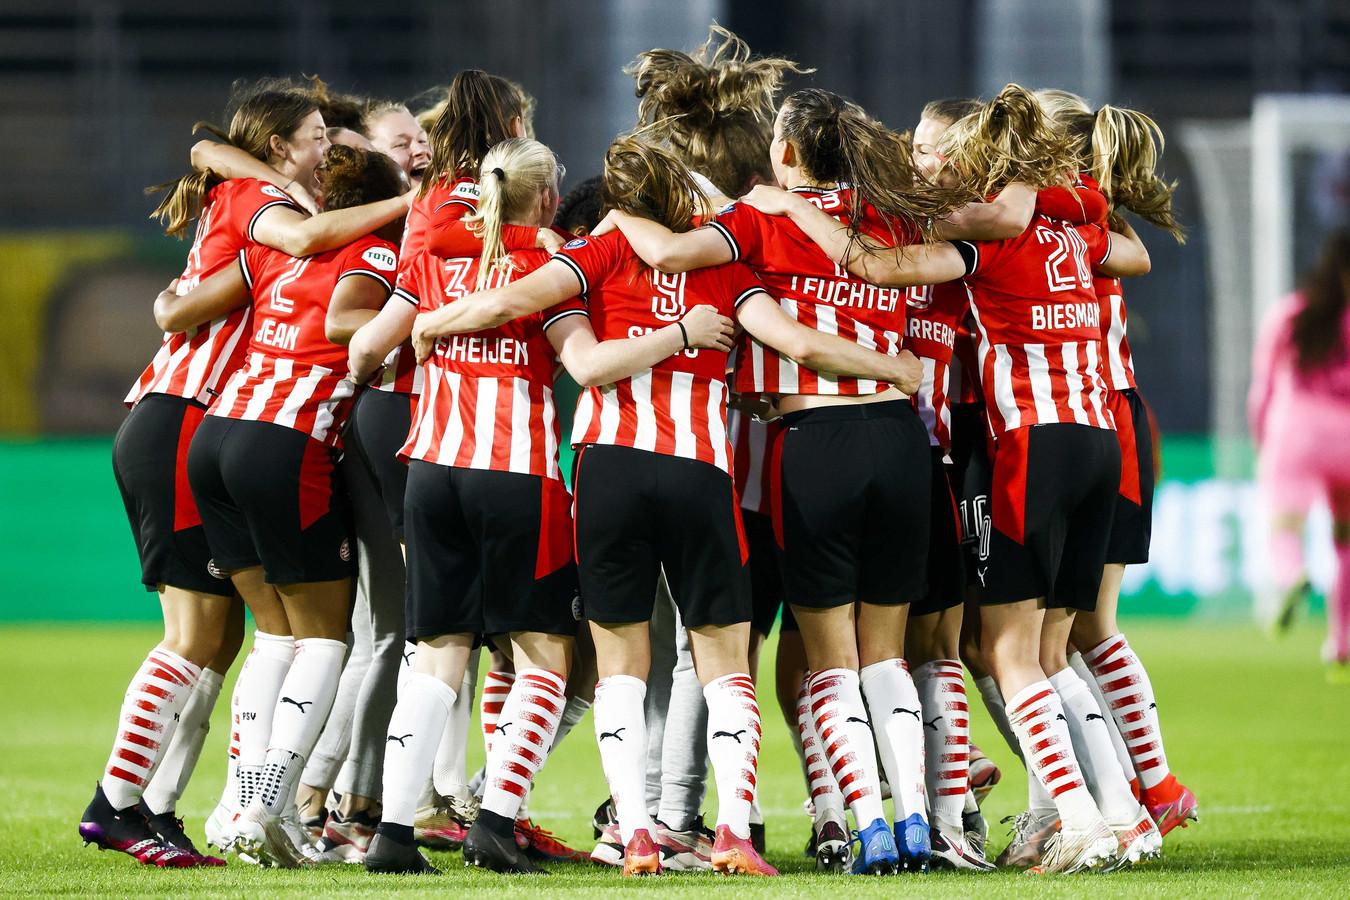 De speelsters van PSV juichen na het winnen van de TOTO KNVB Bekerfinale Vrouwen.